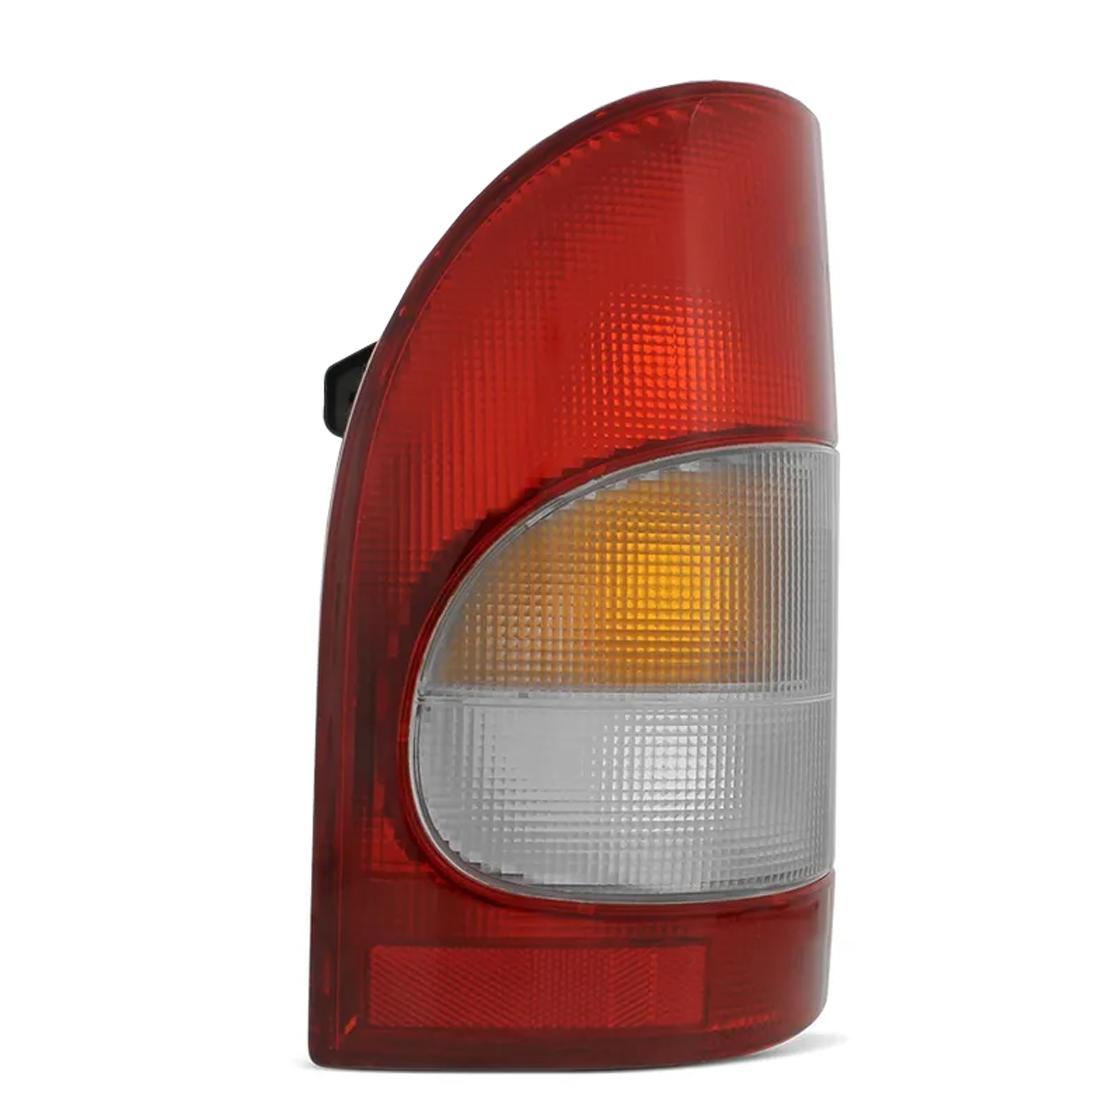 Lanterna Traseira Hyundai H100 96 95 94 93-Bicolor